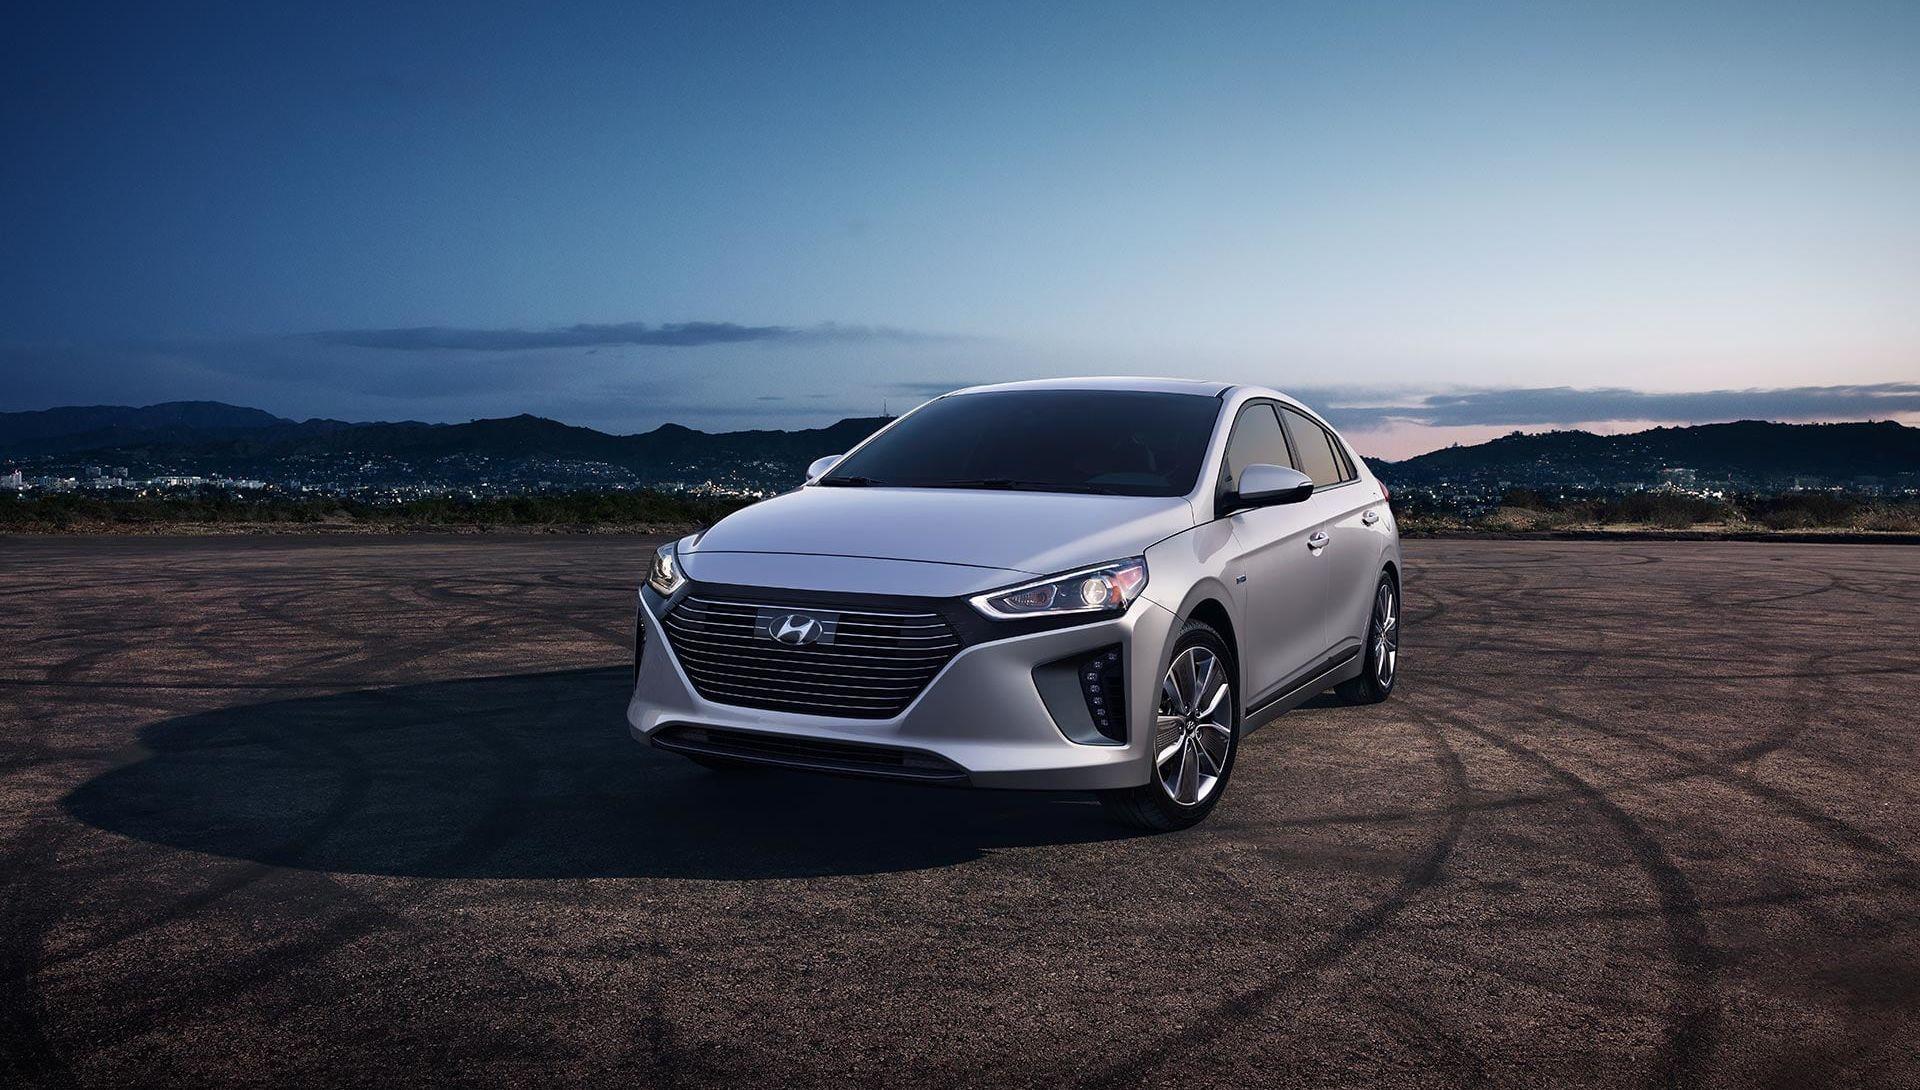 2019 Hyundai Ioniq Hybrid Leasing near Laurel, MD